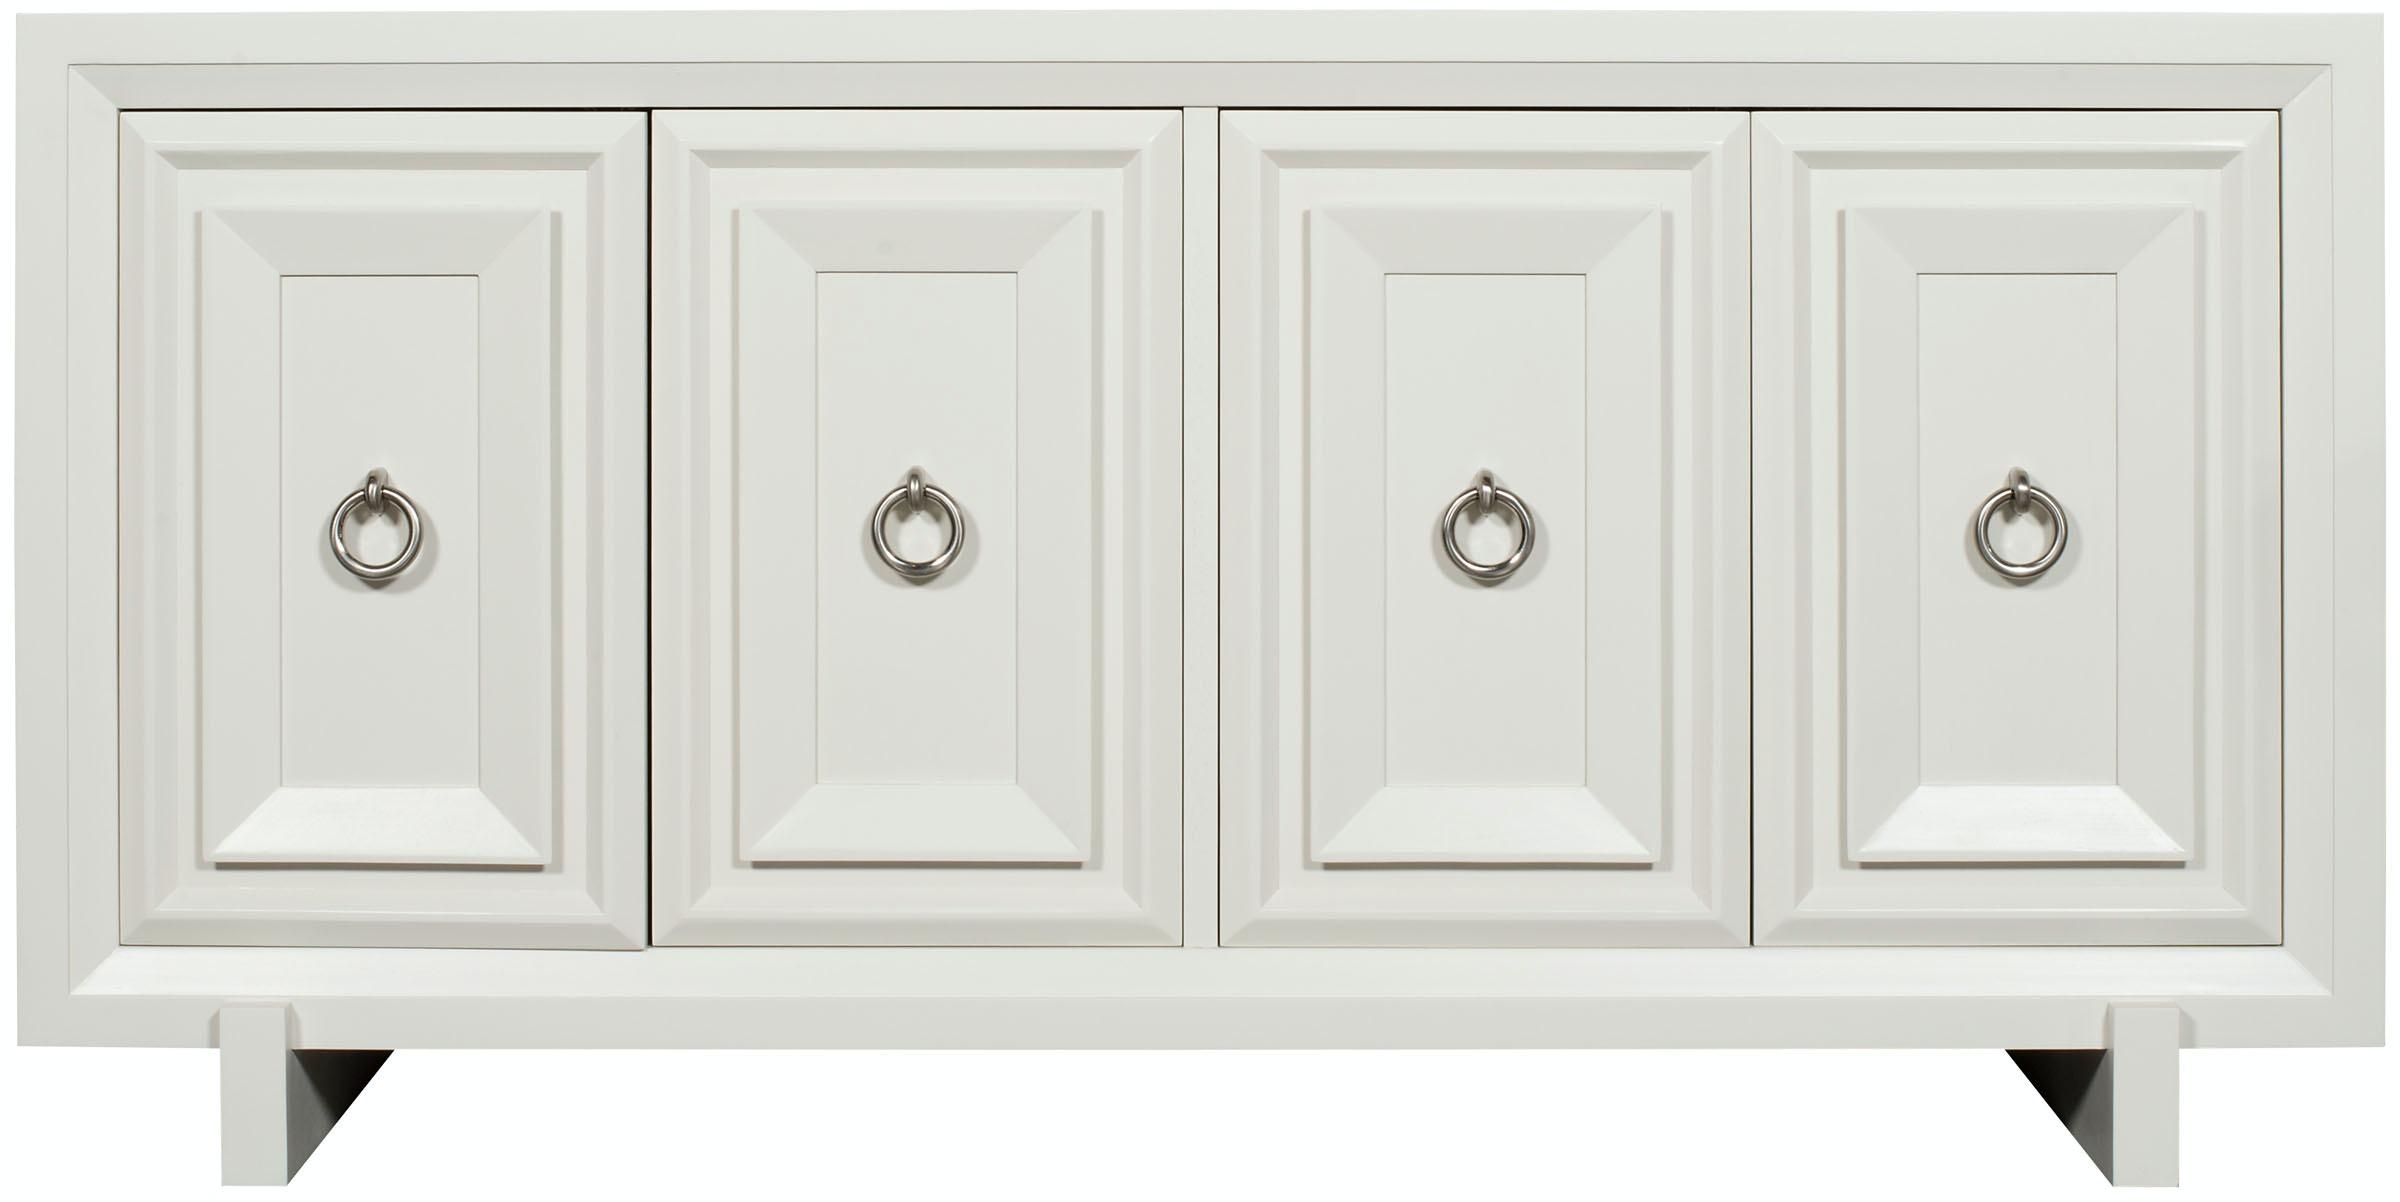 4 draer white dresser olathe